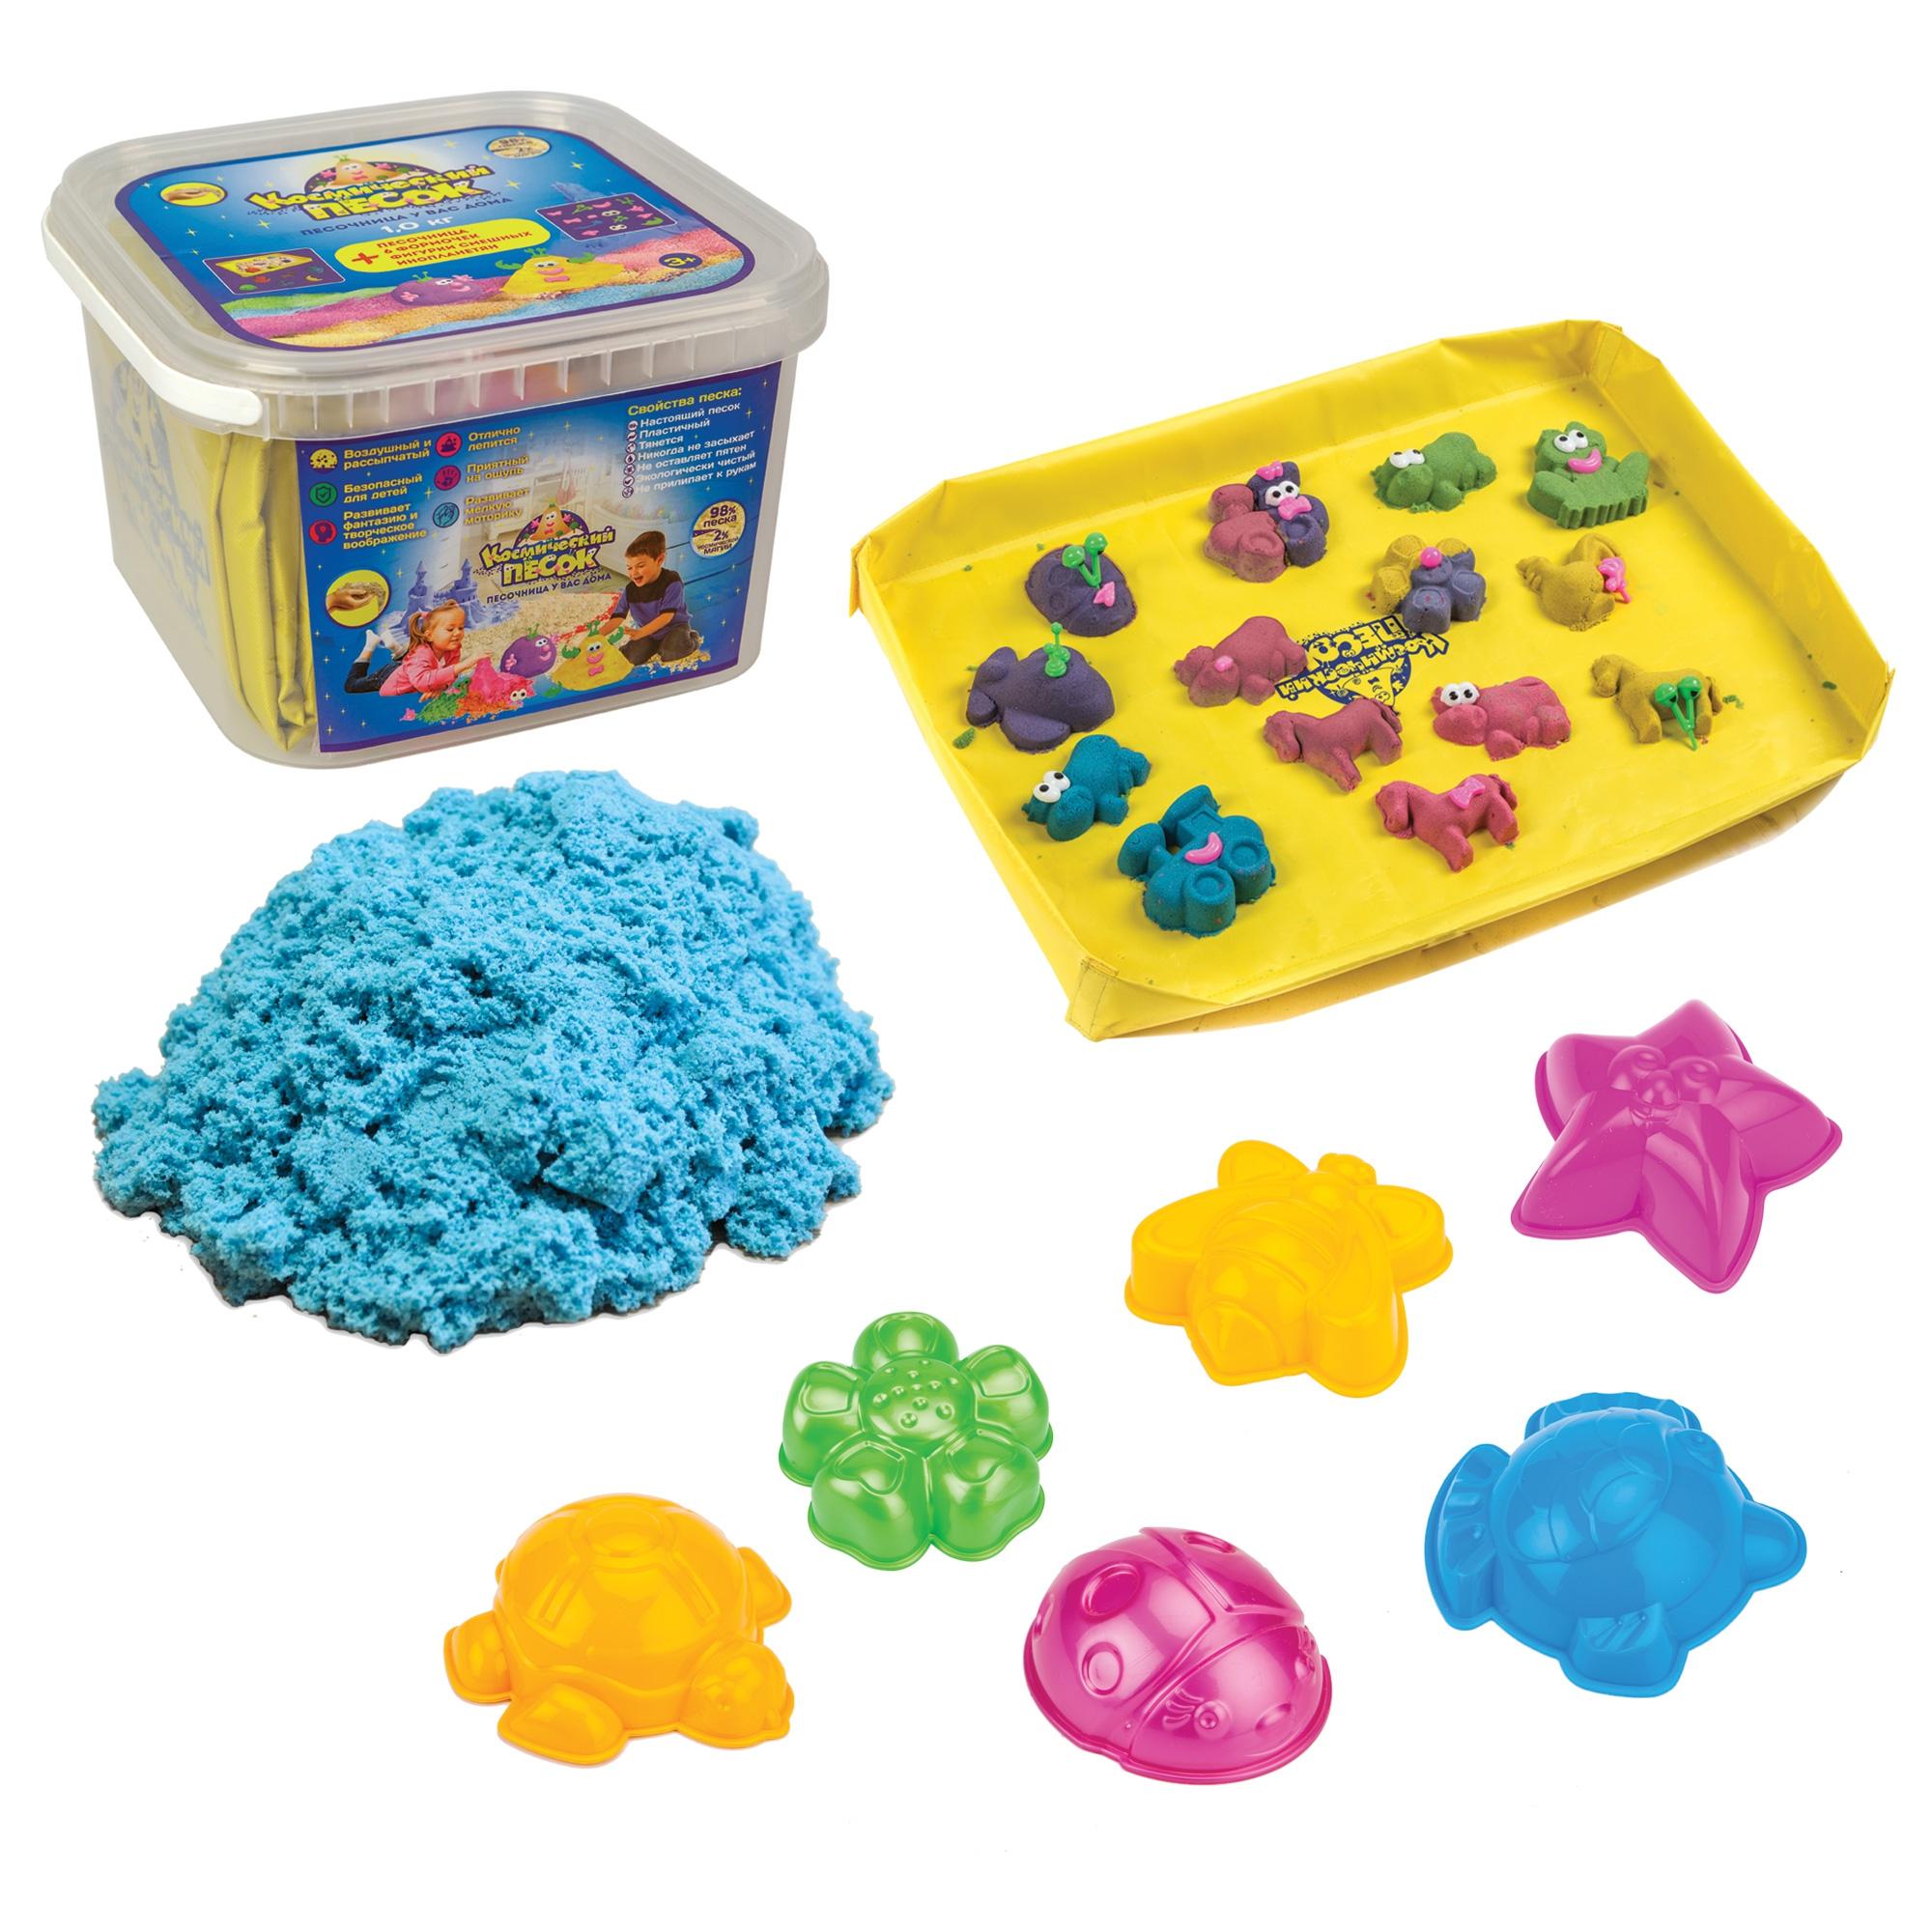 Кинетический песок Космический песок Космический песок Голубой 1 кг + набор песочница и формочки набор для лепки космический песок 500г yellow t57728